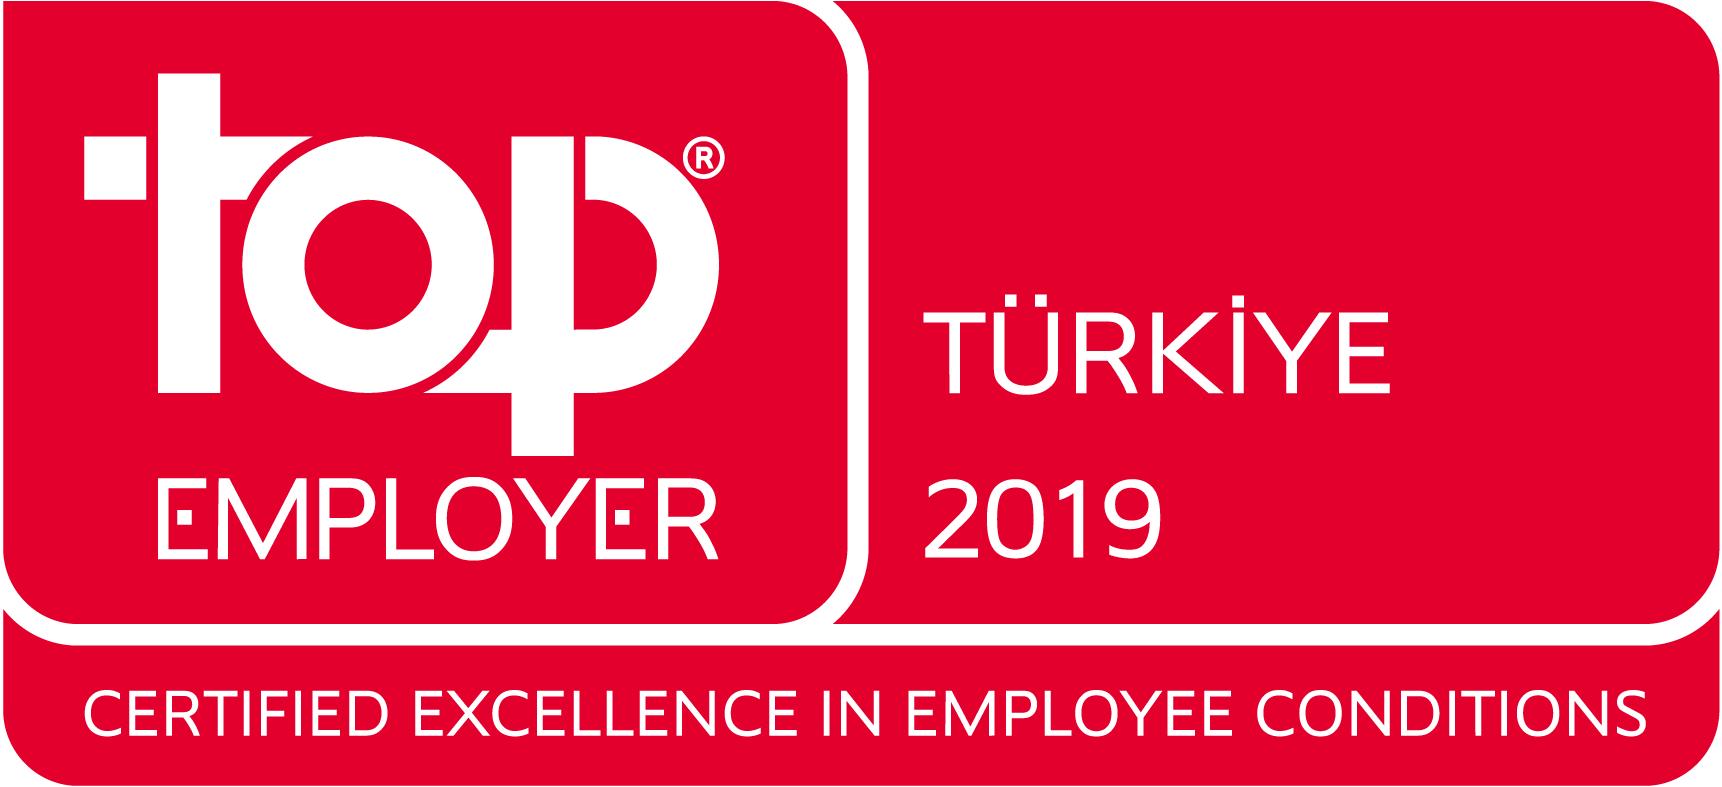 Top_Employer_Turkey_2019